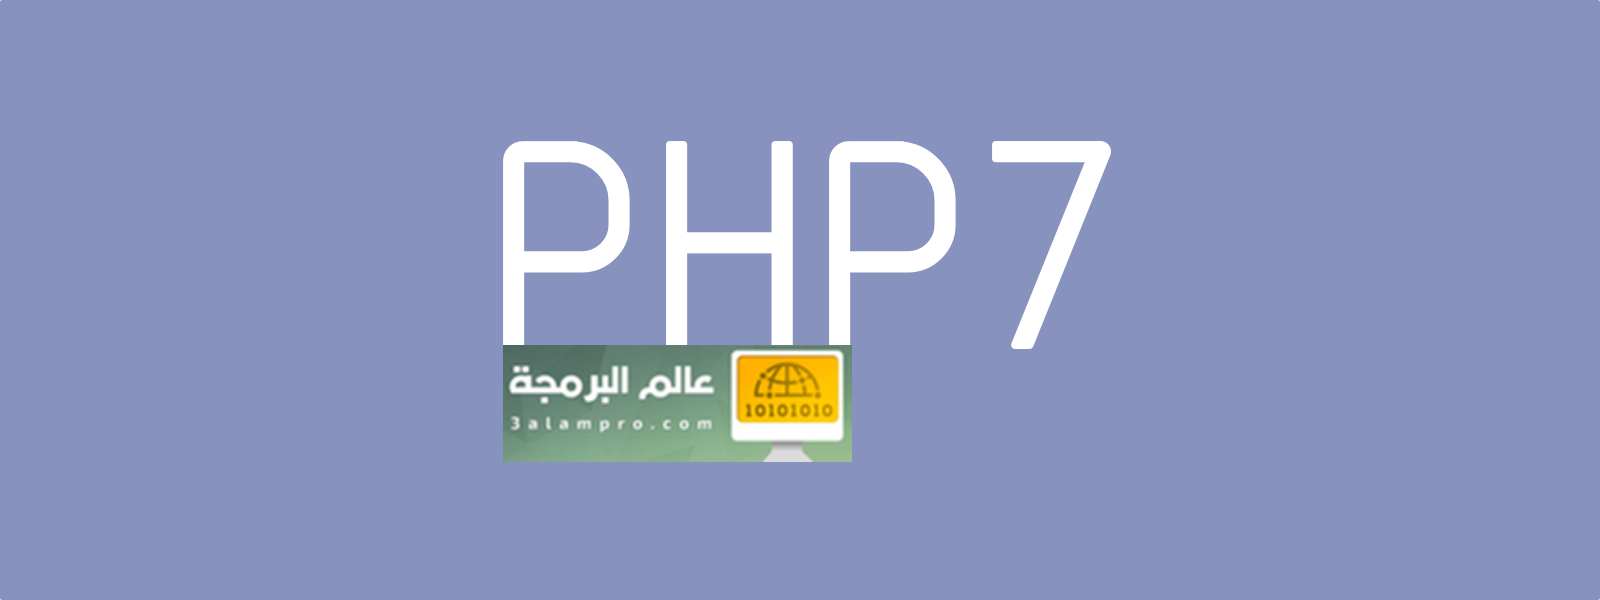 جديد PHP7 من مميزات ومن تغييرات ومن تحسينات